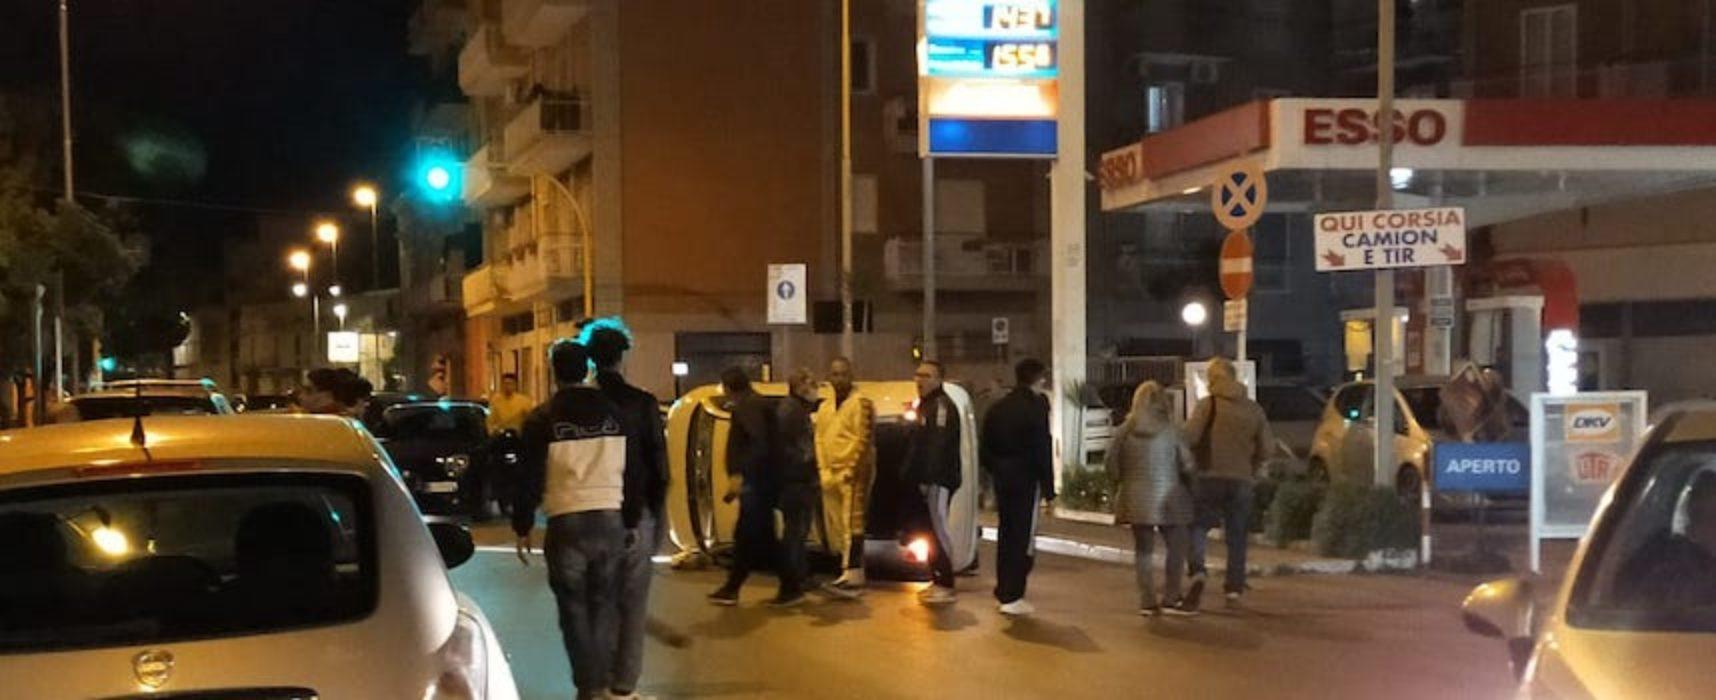 Auto ribaltata in via Imbriani, giovane biscegliese si scontra con veicolo parcheggiato